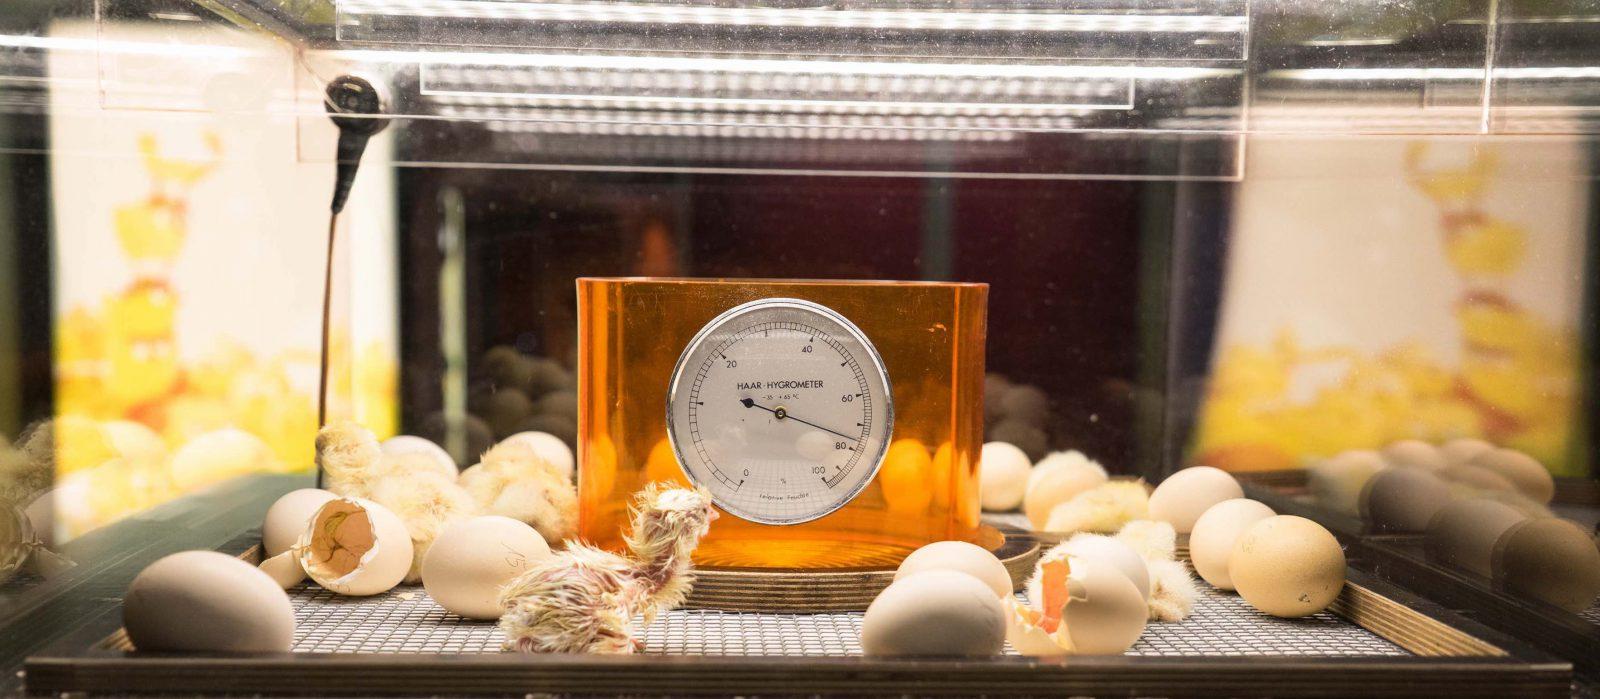 Poussins 2018 dans la couveuse ©michaelmaillard.com